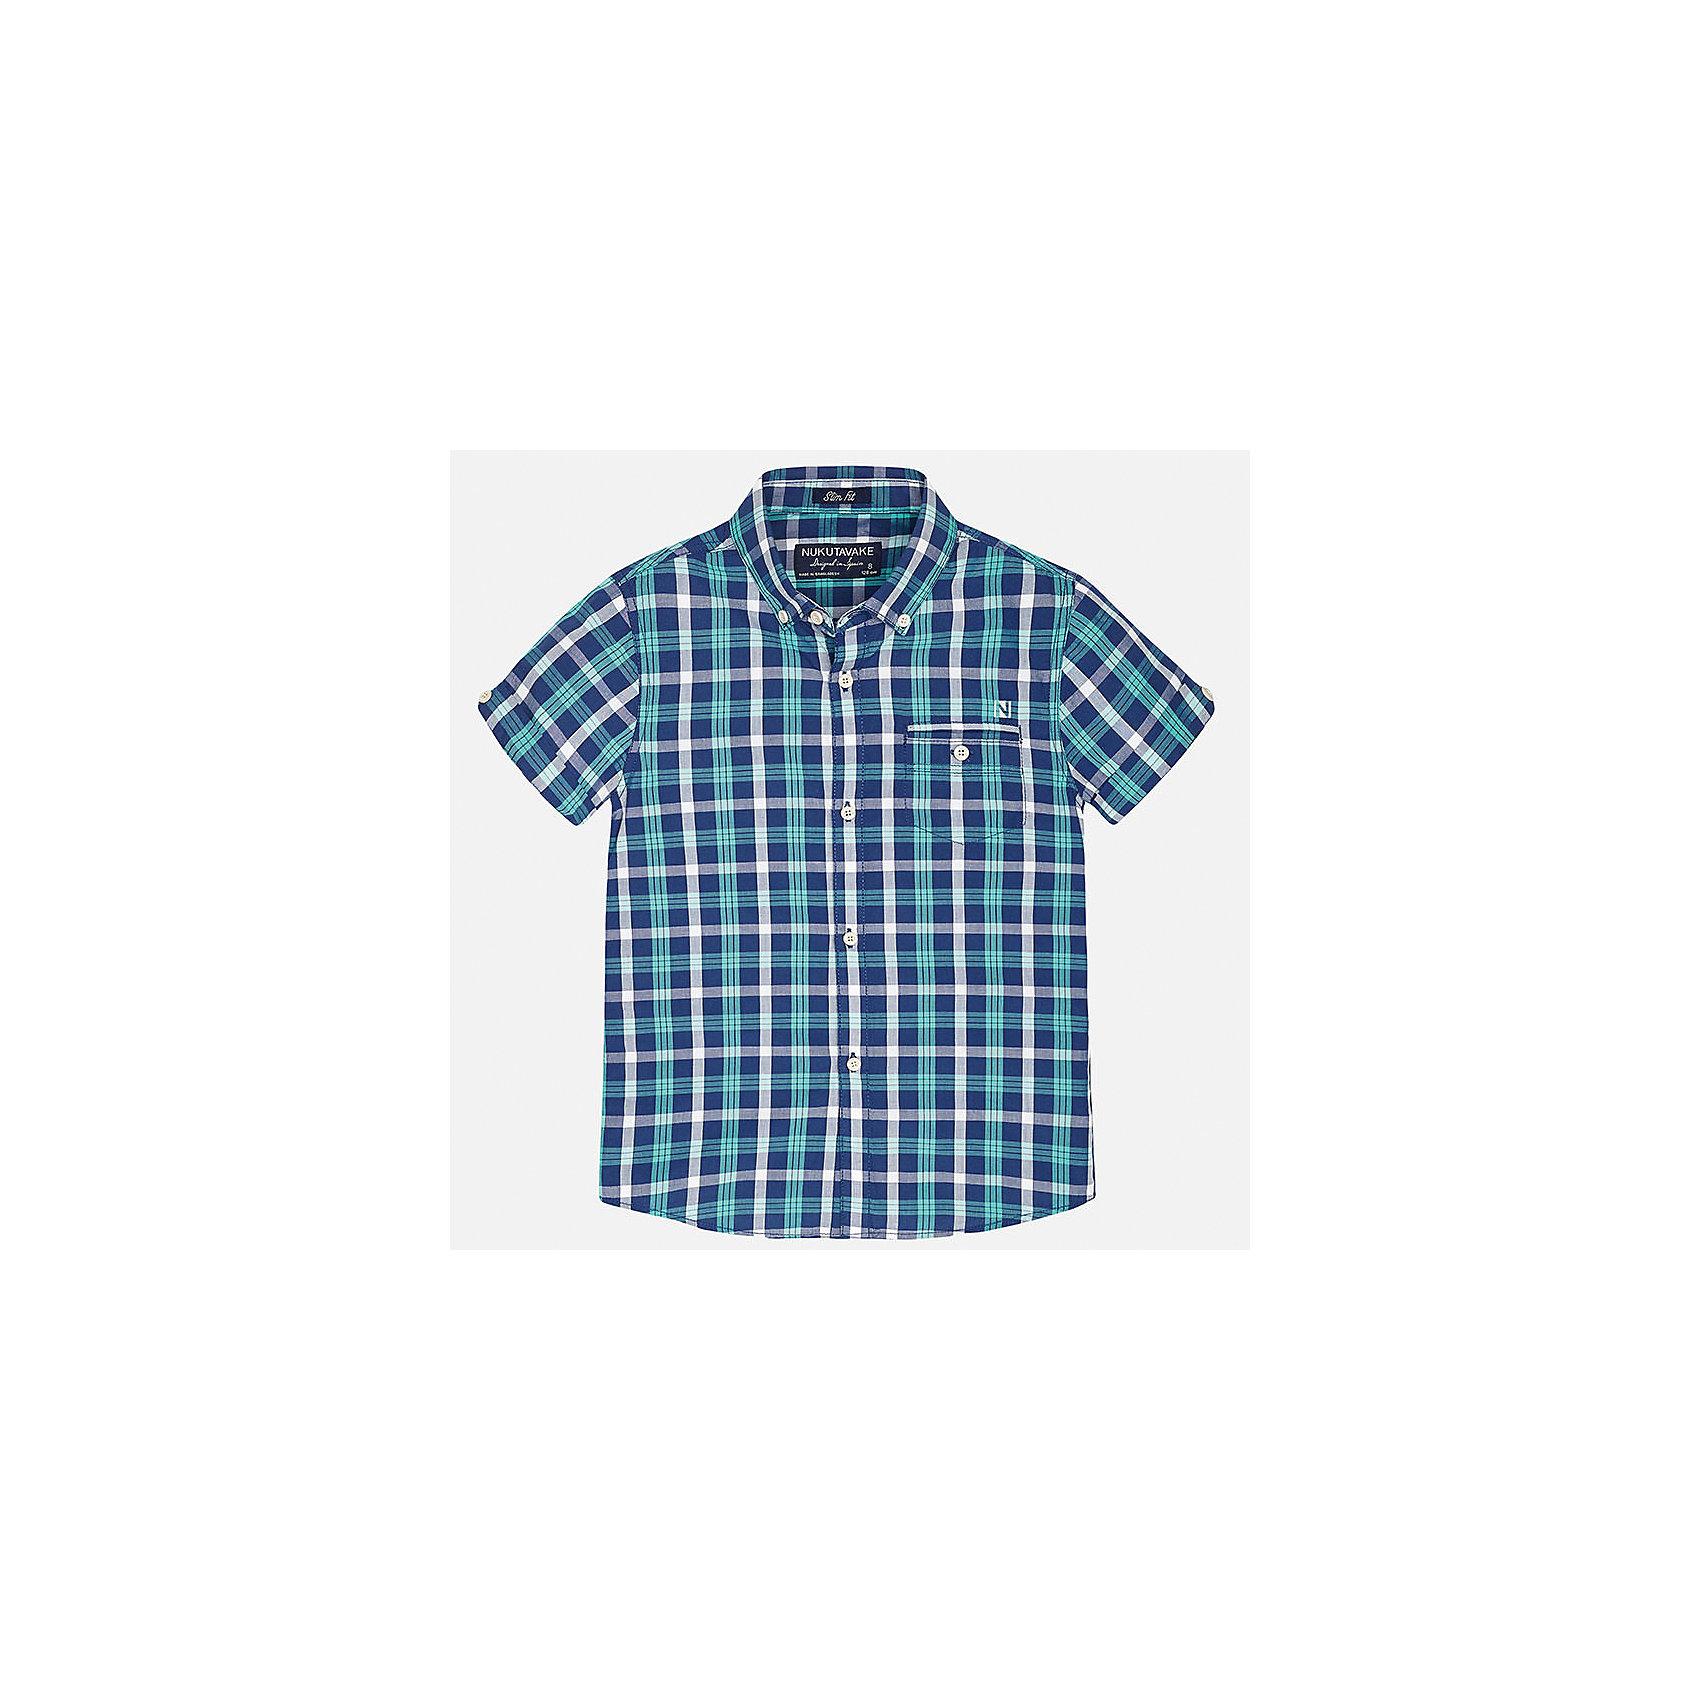 Рубашка для мальчика MayoralБлузки и рубашки<br>Характеристики товара:<br><br>• цвет: сине-зеленый в клетку<br>• состав: 100% хлопок<br>• отложной воротник<br>• декорирована карманом на груди<br>• короткие рукава<br>• застежки: пуговицы<br>• страна бренда: Испания<br><br>Модная рубашка поможет разнообразить гардероб мальчика. Она отлично сочетается с брюками, шортами, джинсами. Универсальный крой и цвет позволяет подобрать к вещи низ разных расцветок. Практичное и стильное изделие! Хорошо смотрится и комфортно сидит на детях. В составе материала - только натуральный хлопок, гипоаллергенный, приятный на ощупь, дышащий. <br><br>Одежда, обувь и аксессуары от испанского бренда Mayoral полюбились детям и взрослым по всему миру. Модели этой марки - стильные и удобные. Для их производства используются только безопасные, качественные материалы и фурнитура. Порадуйте ребенка модными и красивыми вещами от Mayoral! <br><br>Рубашку для мальчика от испанского бренда Mayoral (Майорал) можно купить в нашем интернет-магазине.<br><br>Ширина мм: 174<br>Глубина мм: 10<br>Высота мм: 169<br>Вес г: 157<br>Цвет: синий<br>Возраст от месяцев: 84<br>Возраст до месяцев: 96<br>Пол: Мужской<br>Возраст: Детский<br>Размер: 128/134,170,164,158,152,140<br>SKU: 5281617